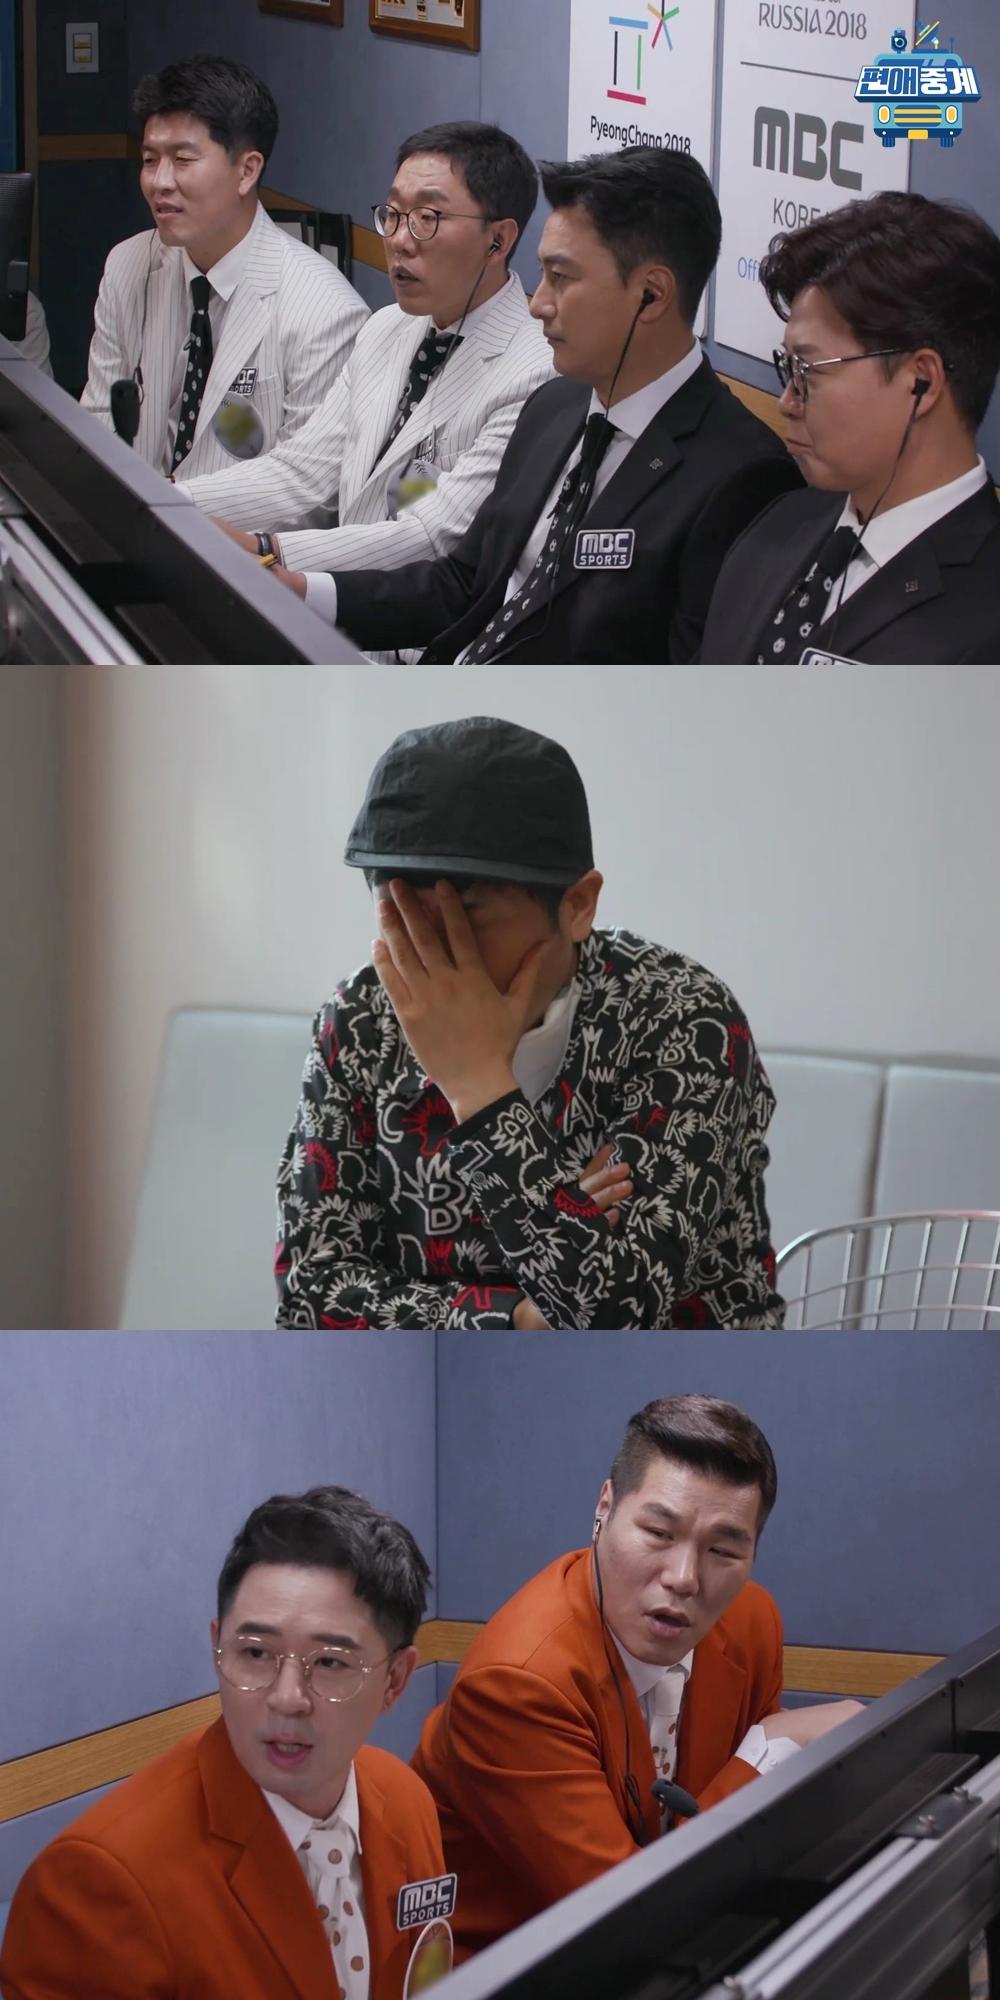 '편애중계' 우승곡 연습 중 갑작스런 눈물 사태?! 중계석 일동 '당황'